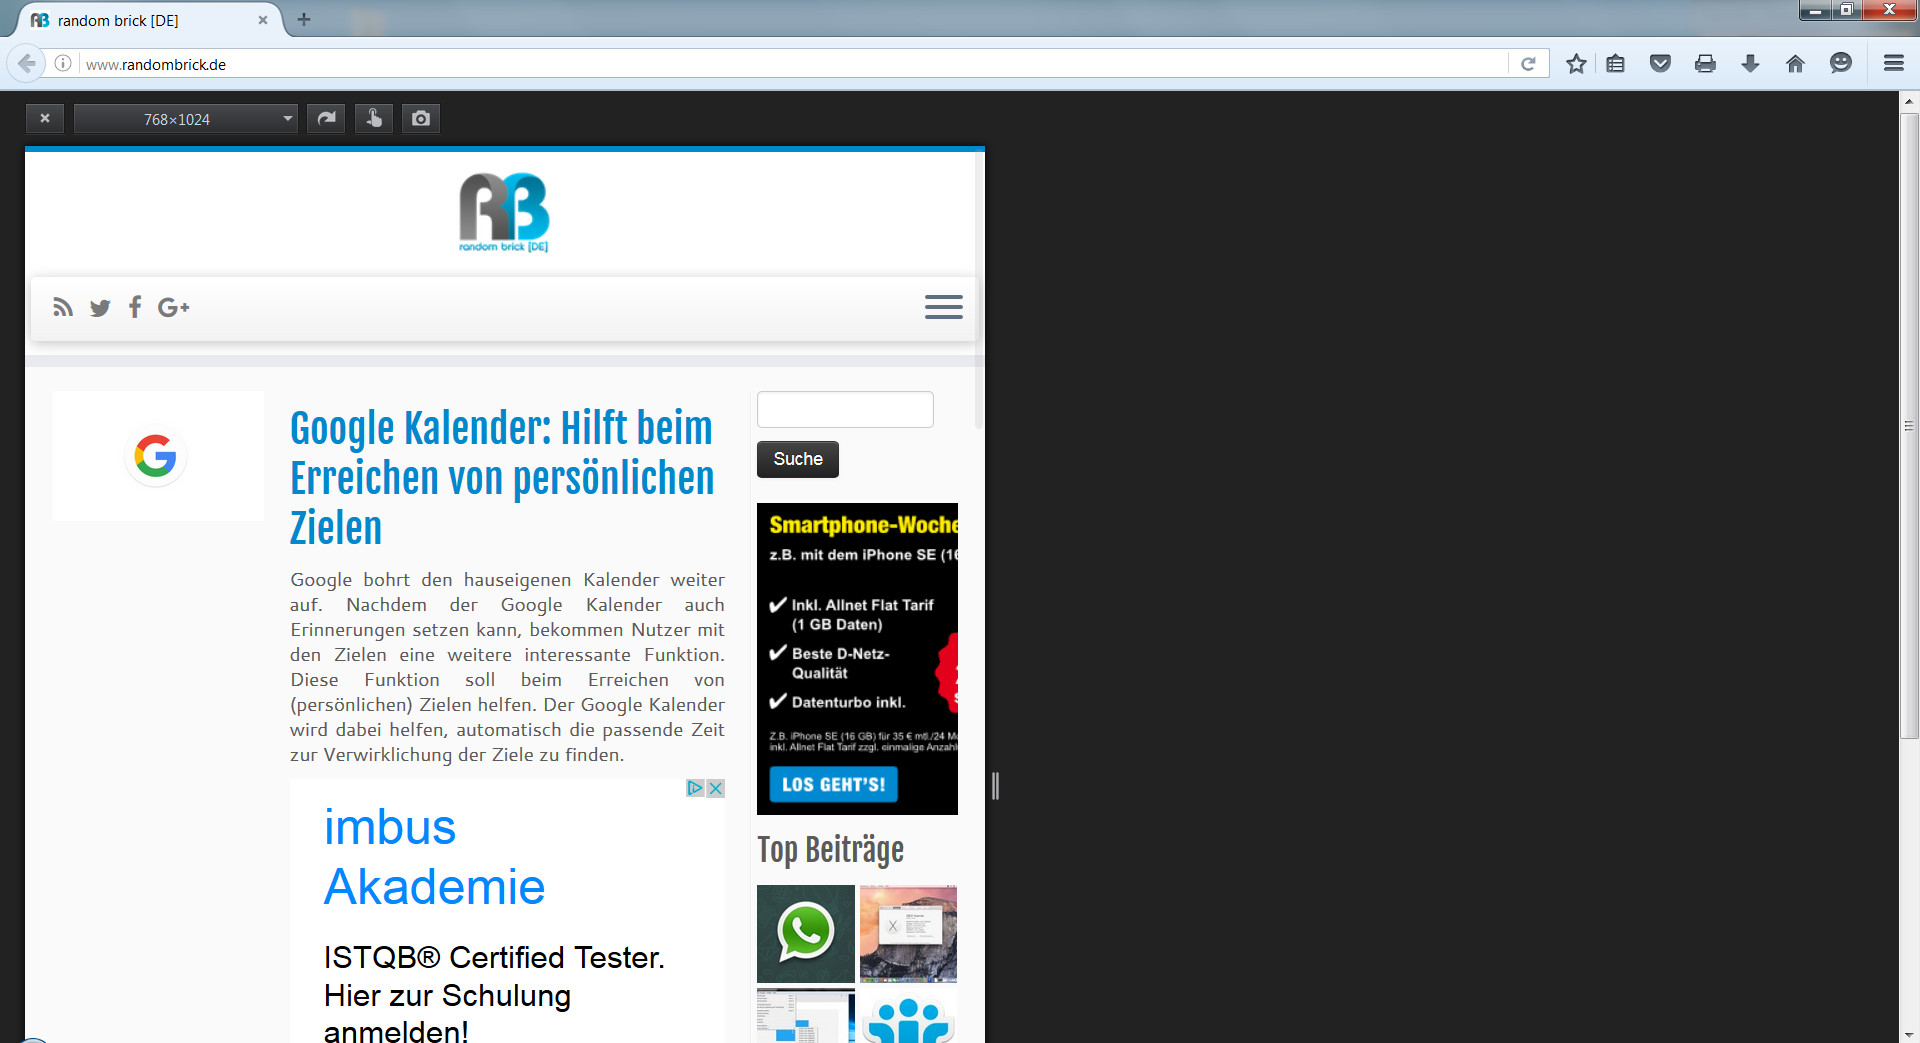 Firefox Bildschirmauflösung im Tab anpassen